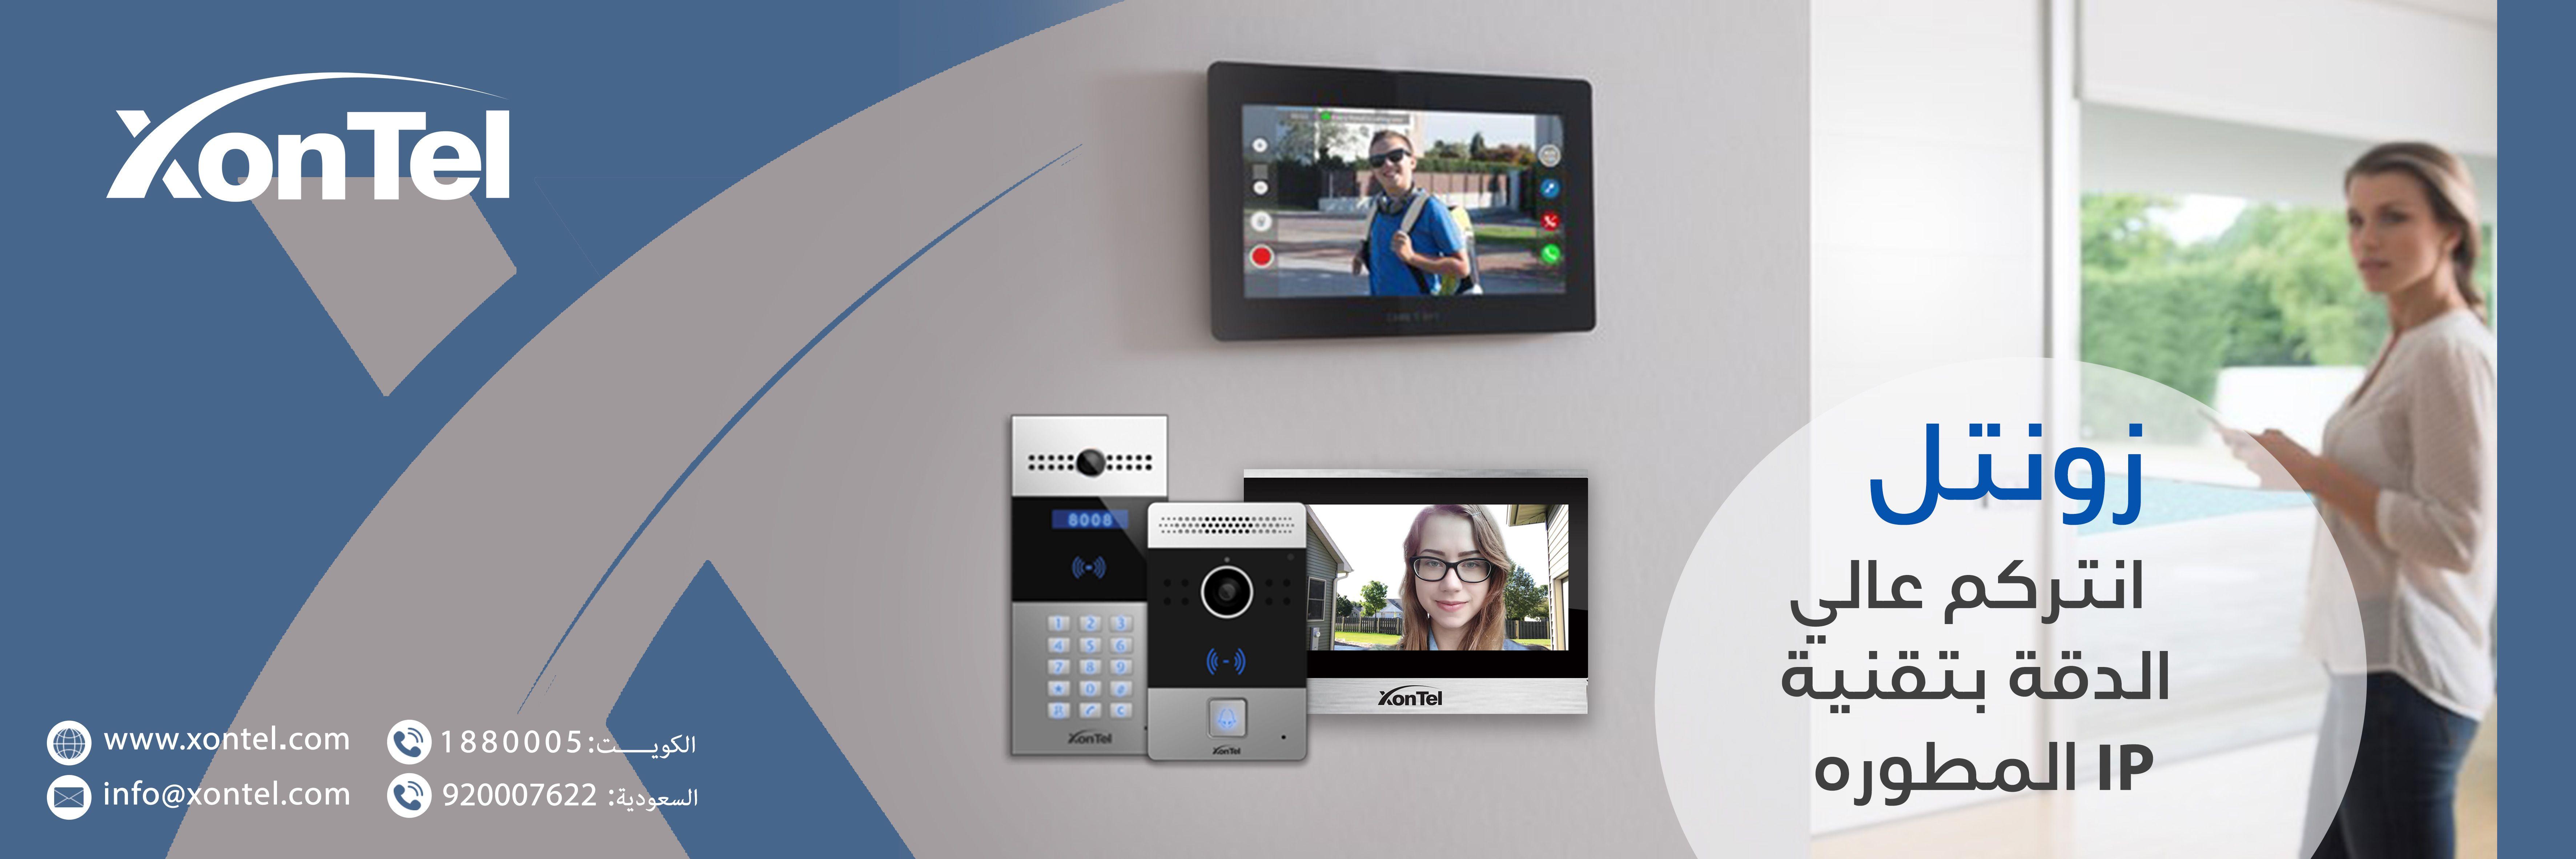 زونتل تبني لك شبكة اتصالات متكاملة ومتطورة بإستخدام تقنية Ip الحديثة زونتل اختيارك الامثل للاستفسارات ولمزيد من المعلومات يرجي الاتصال Desktop Screenshot